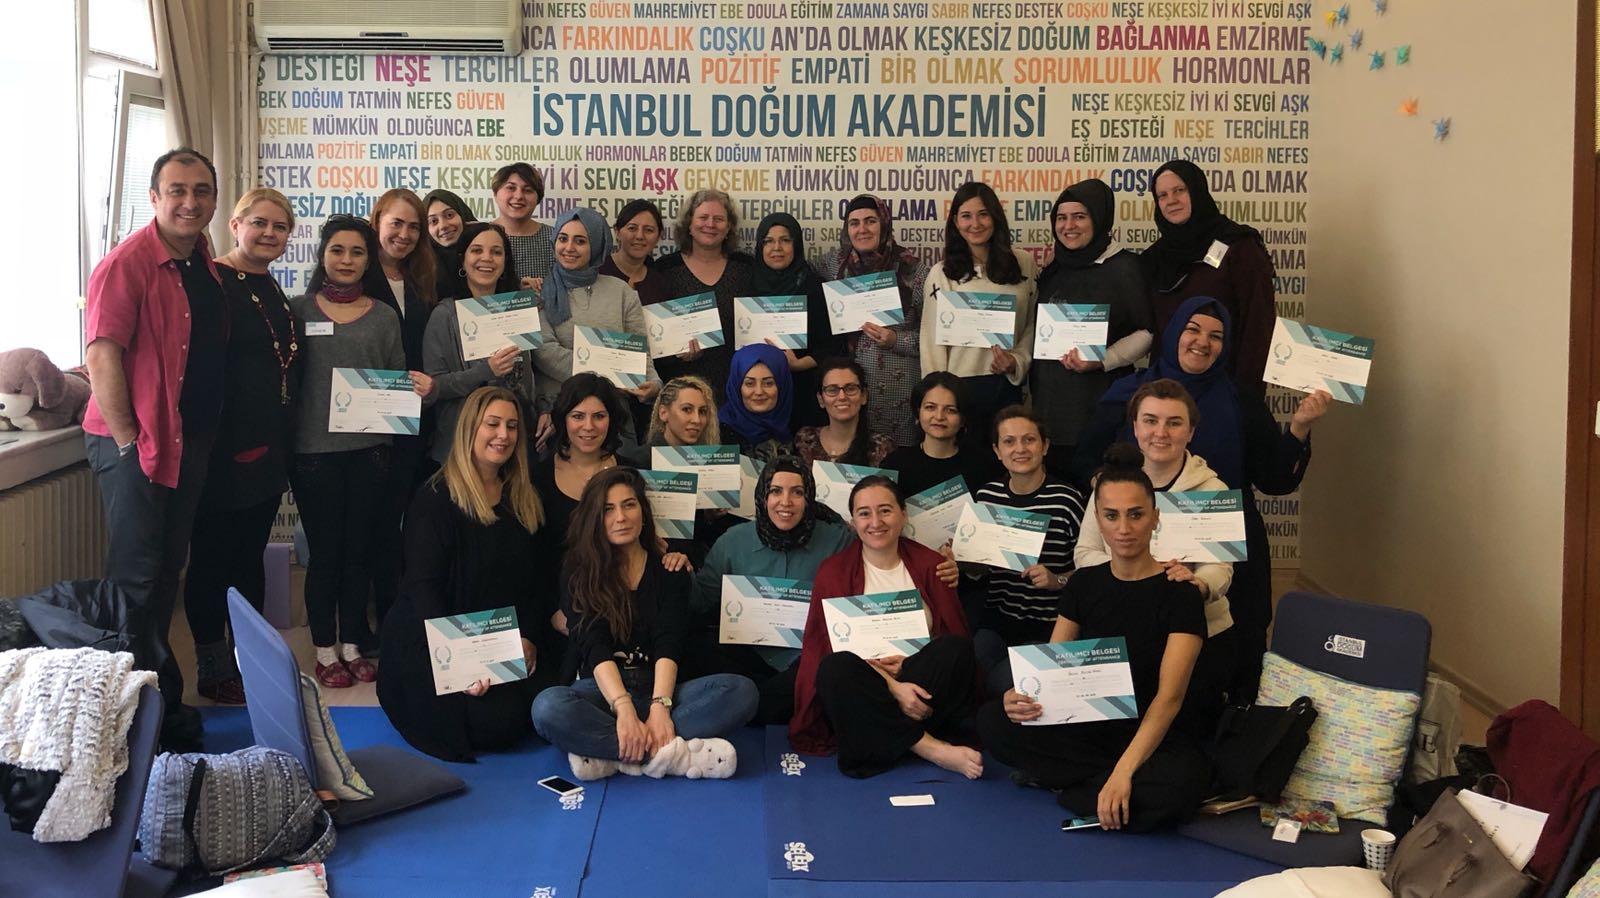 Doğum İçin El Ele Derneği Türkiye'de İlk Kez Yas Doulalığı Eğitimi Verilmesini Sağladı